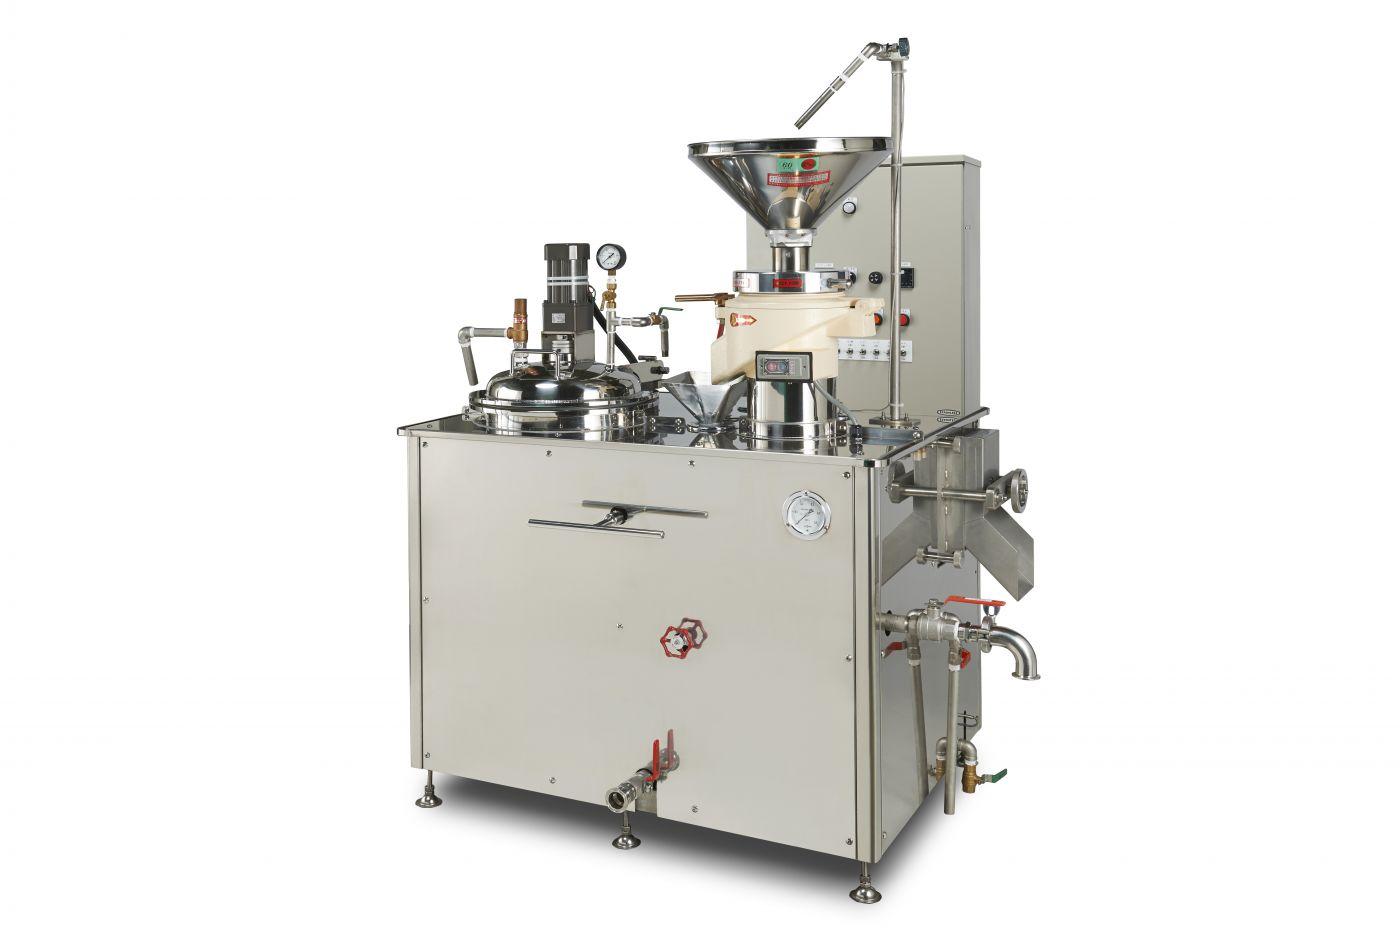 小型豆乳製造機「ソイミルクン」